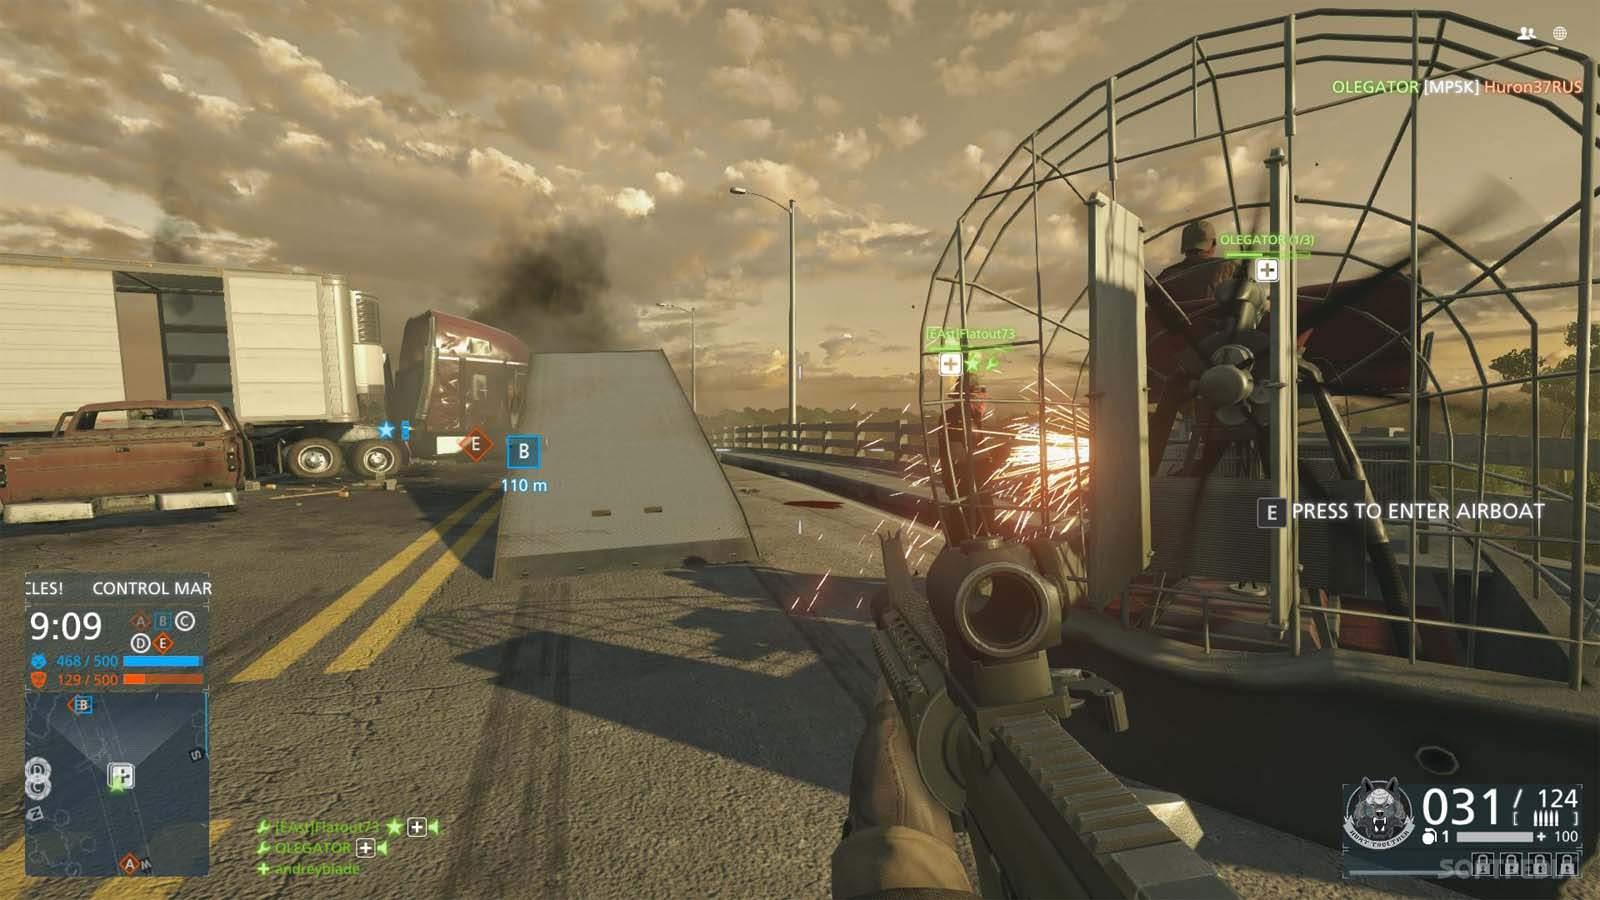 تحميل لعبة Battlefield Hardline مضغوطة كاملة بروابط مباشرة مجانا